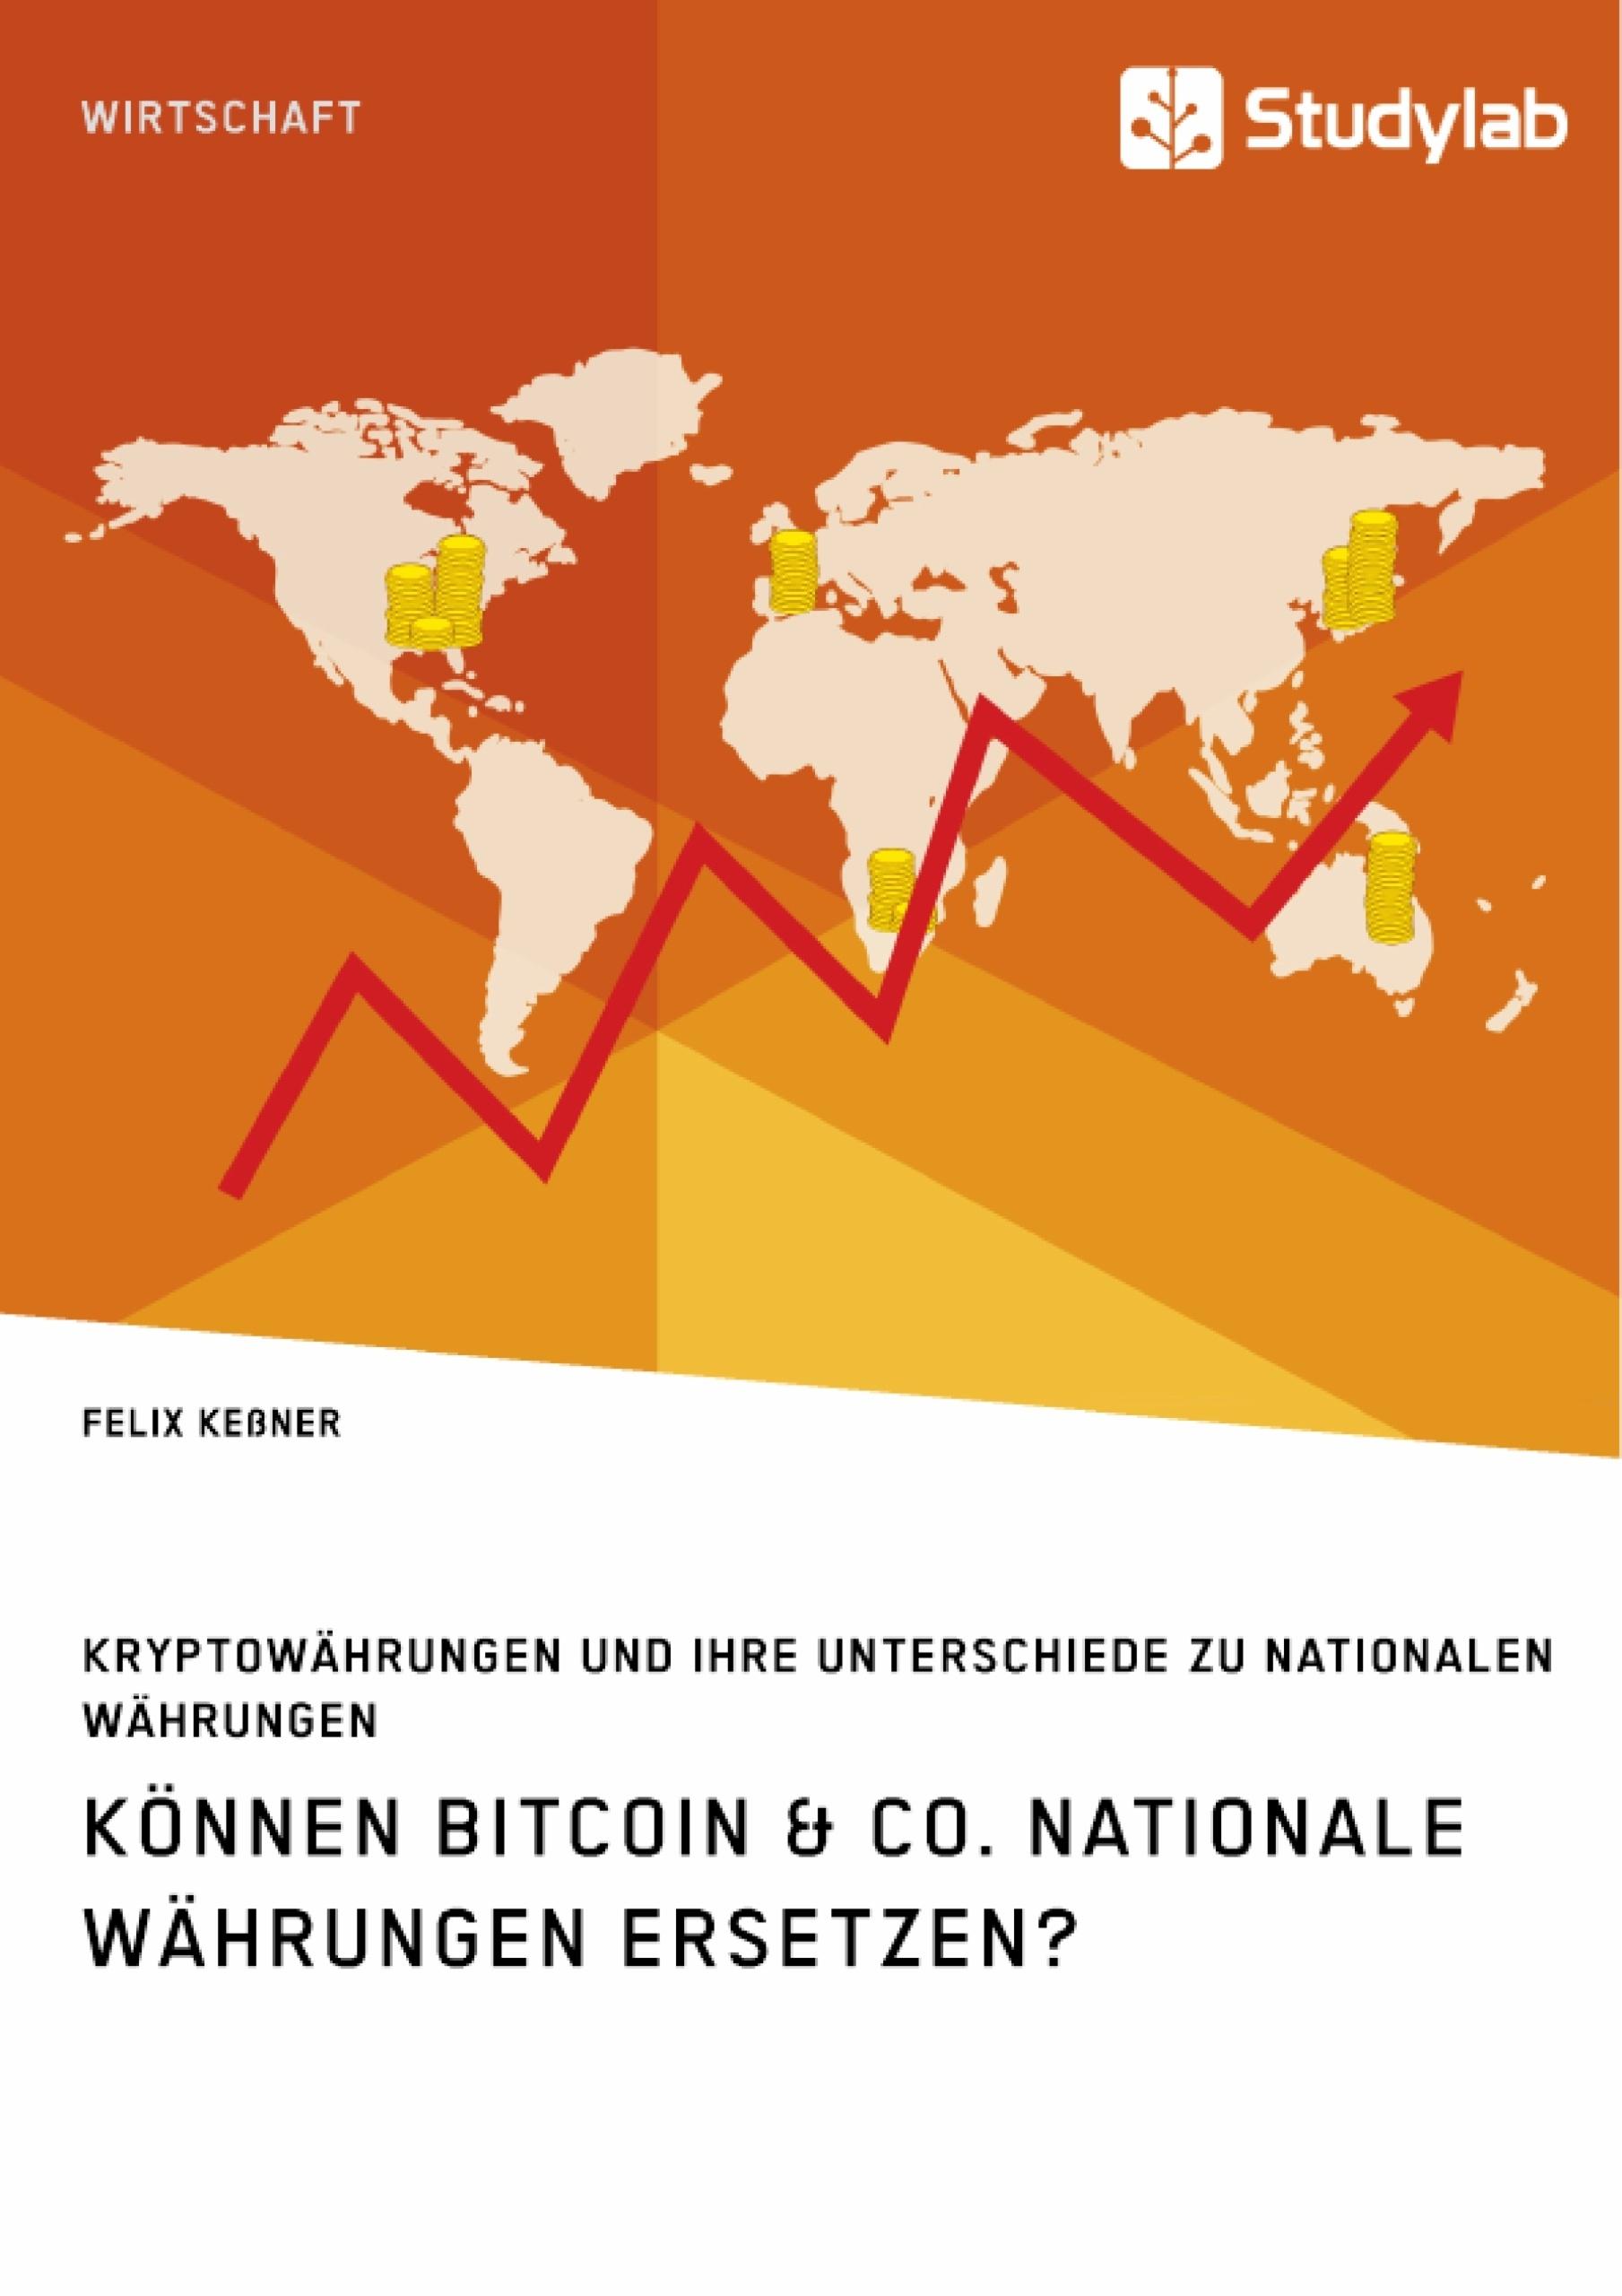 Titel: Können Bitcoin & Co. nationale Währungen ersetzen? Kryptowährungen und ihre Unterschiede zu nationalen Währungen